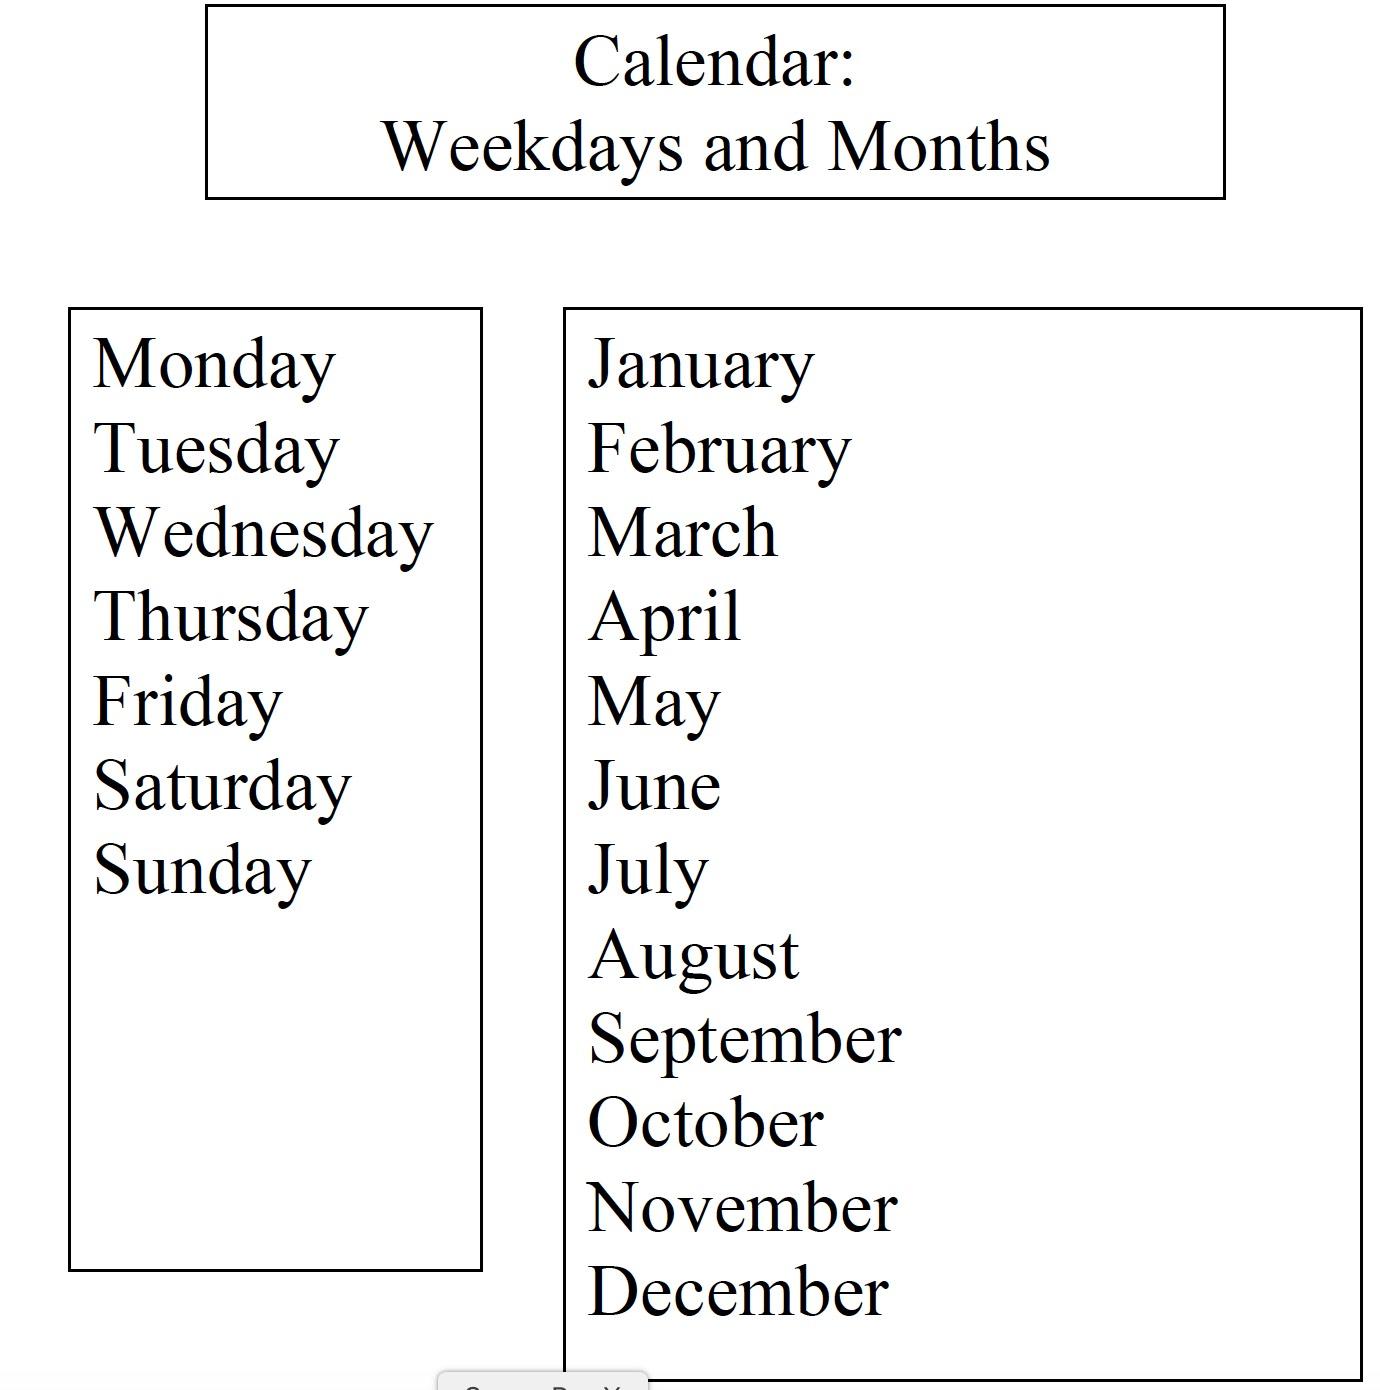 EG3_U3_Calendar1a